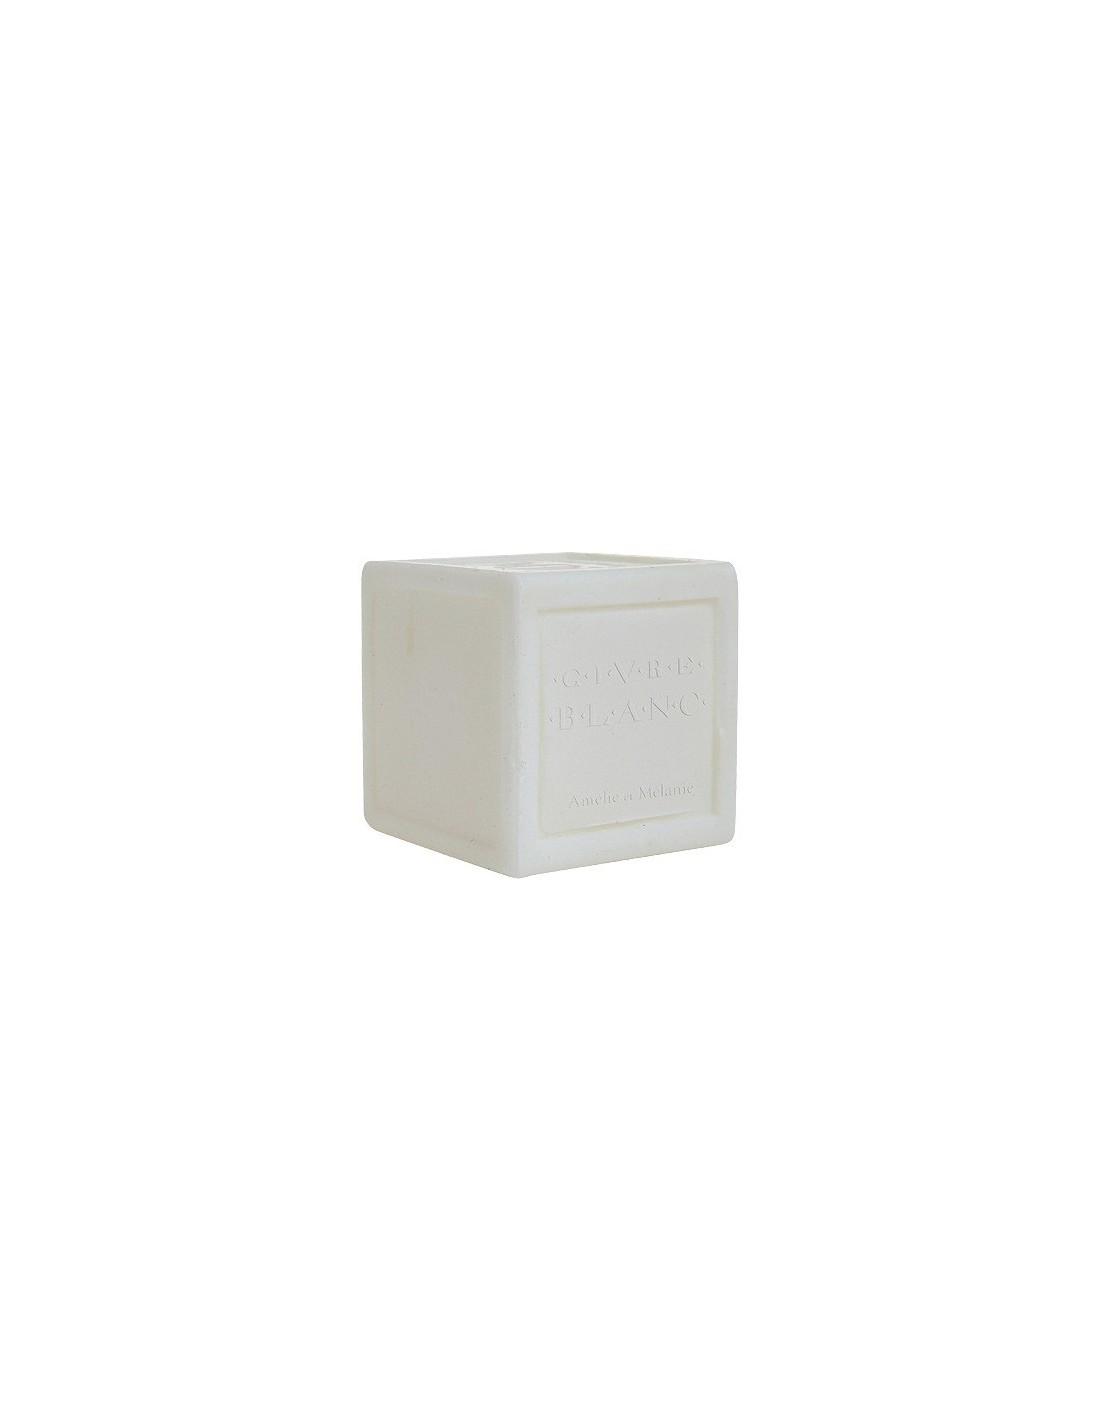 soap cube givre blanc am lie et m lanie 100 g. Black Bedroom Furniture Sets. Home Design Ideas